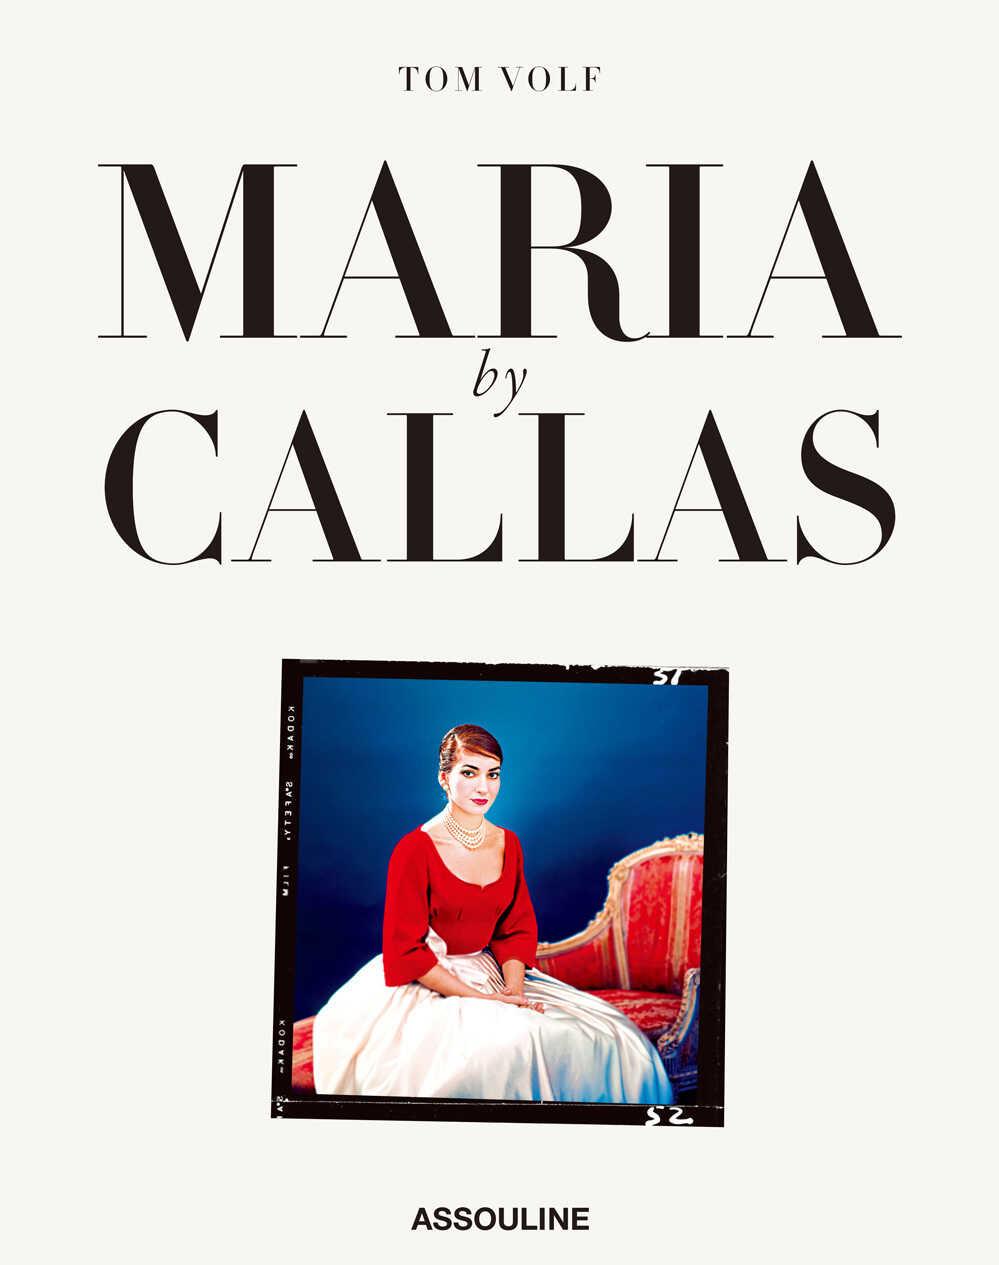 Callas cover art.